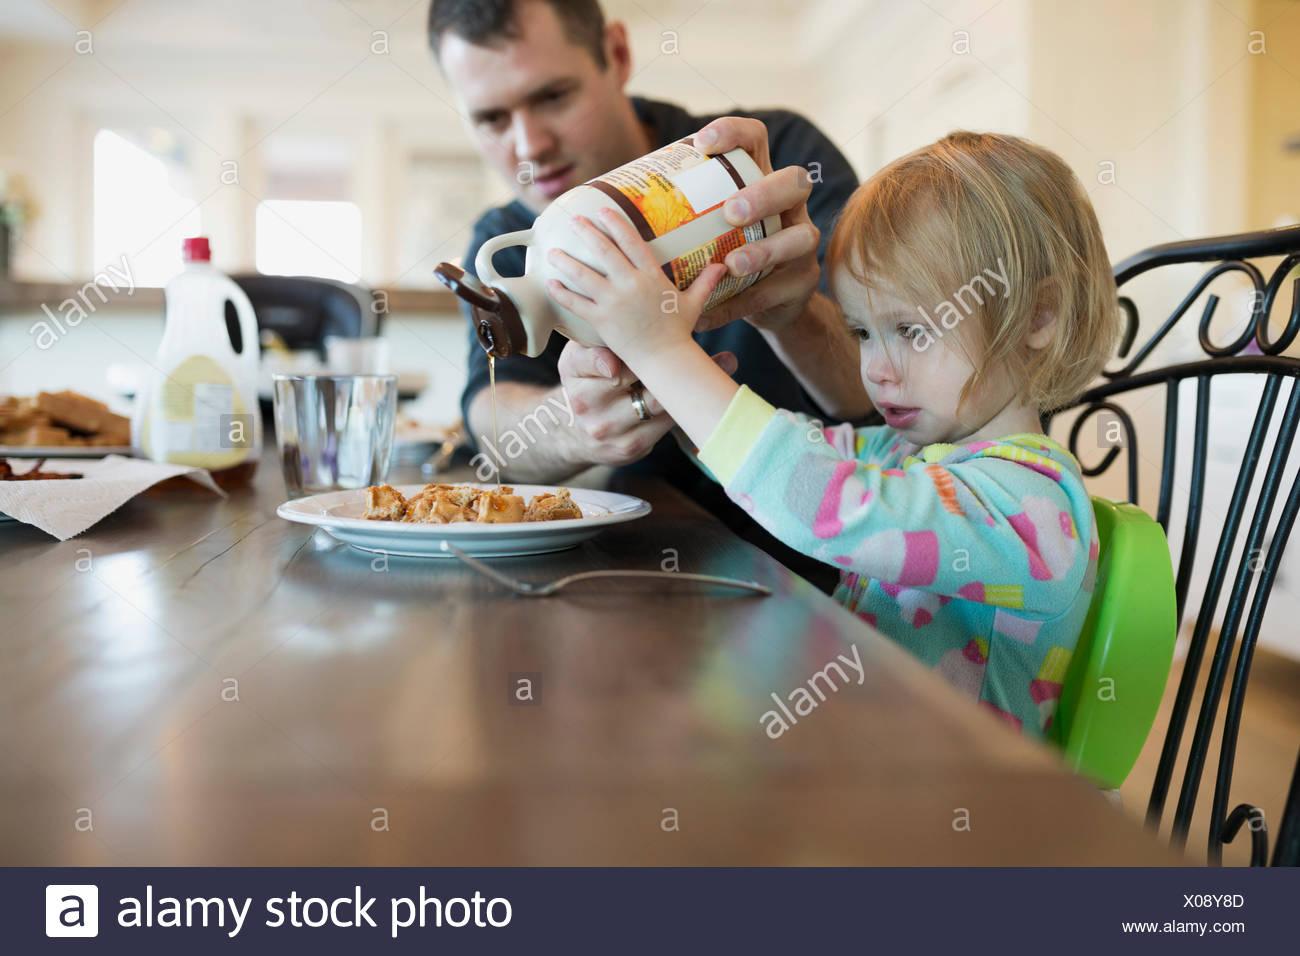 Vater Tochter Gießen Ahornsirup auf Waffeln zu helfen Stockbild